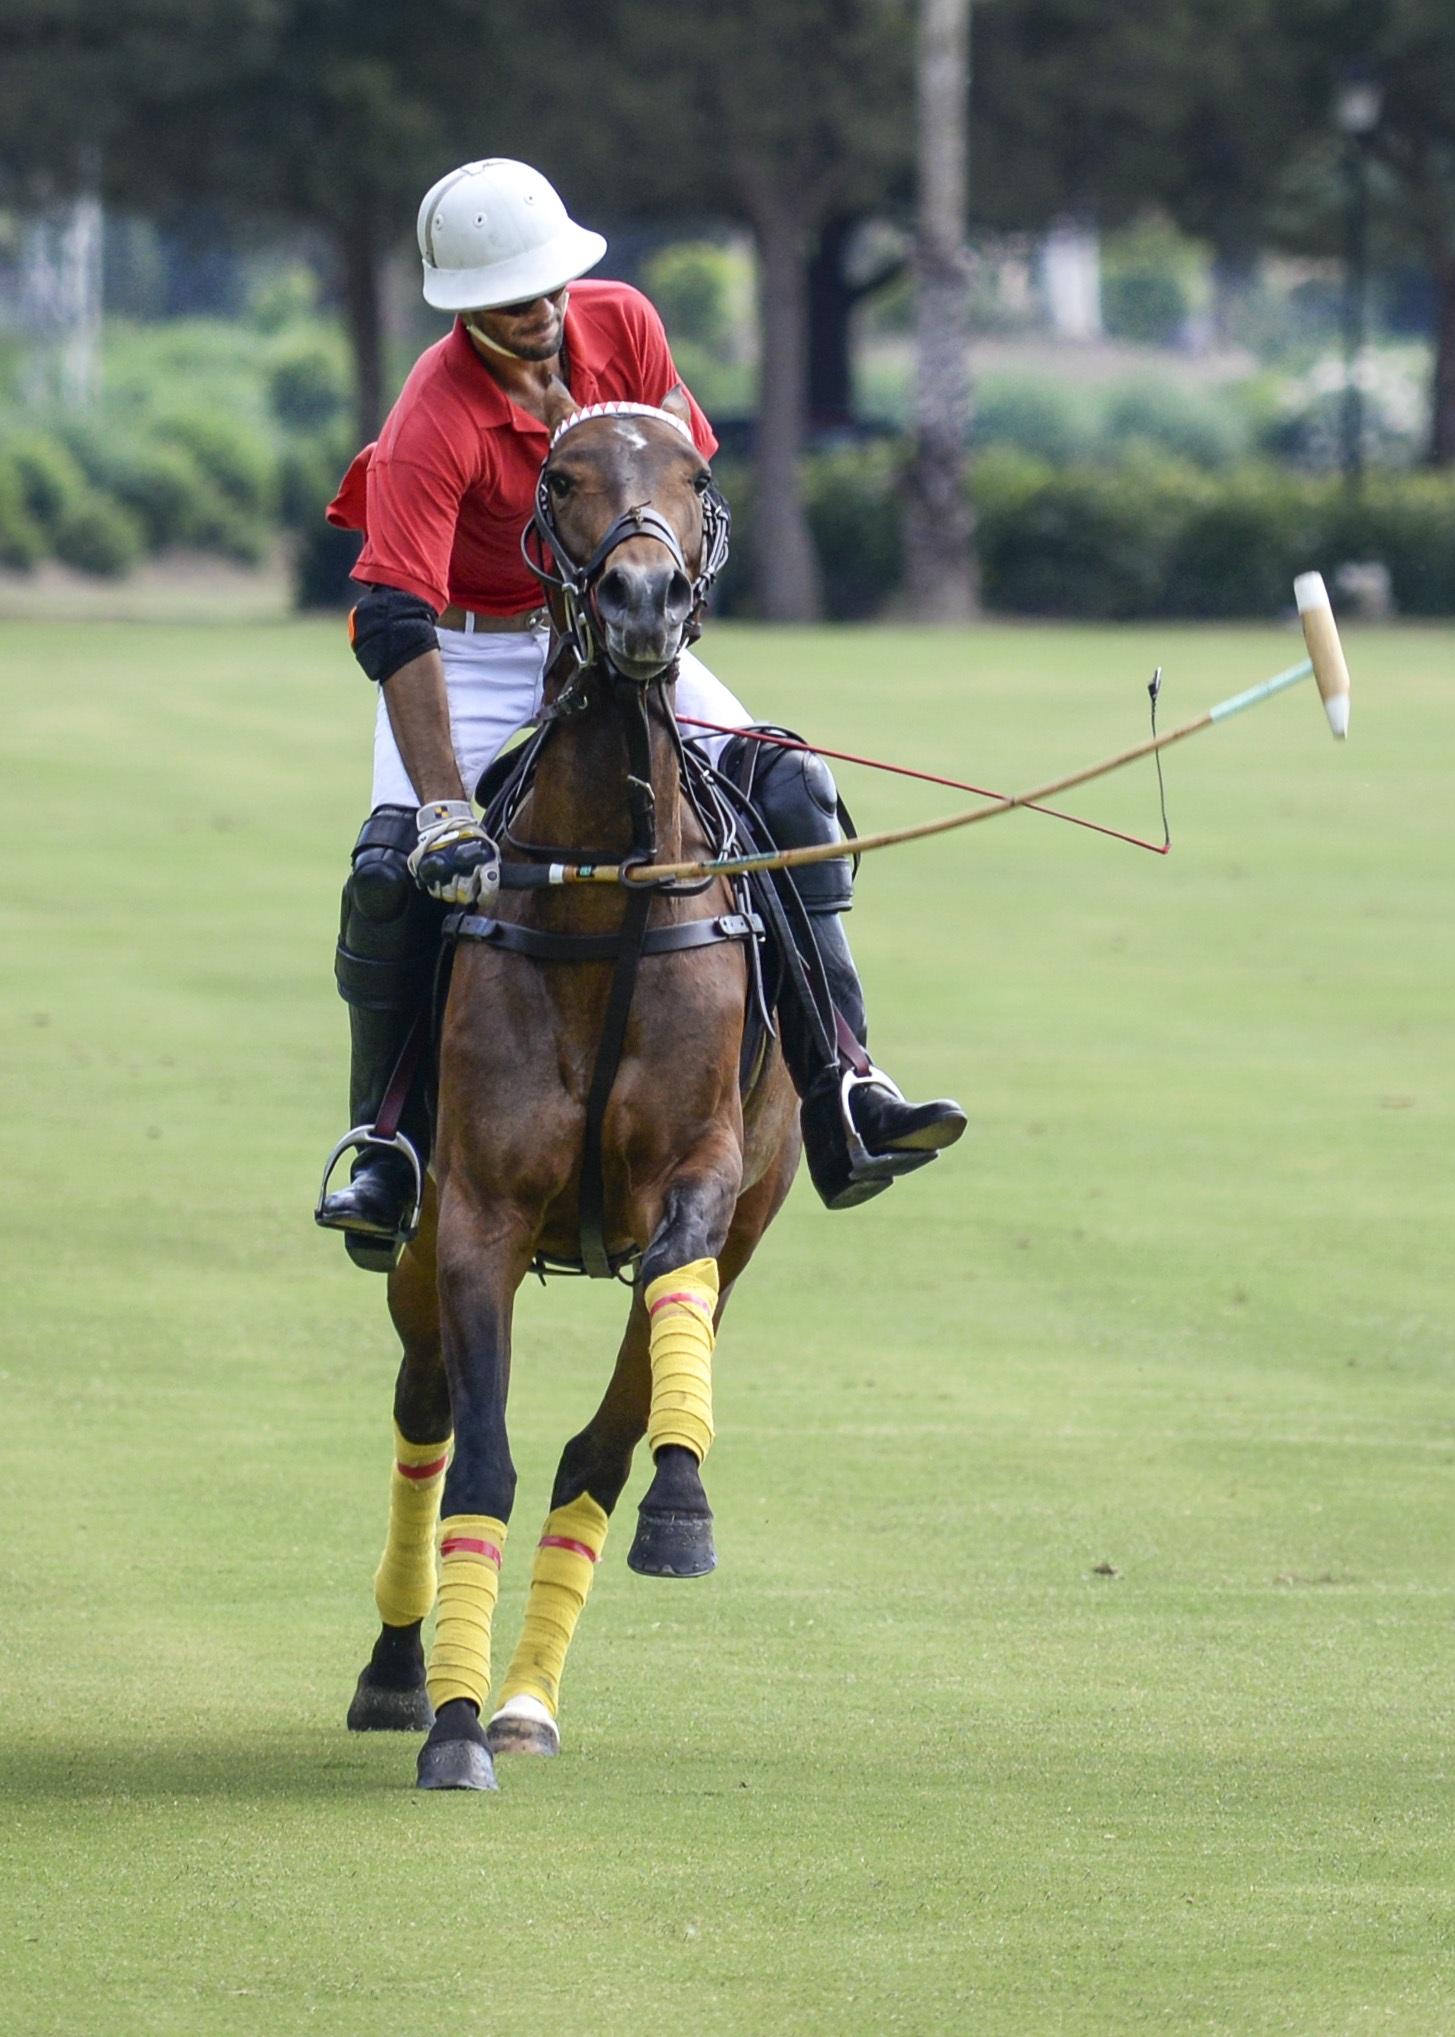 Banco de imagens : esporte, jogos, cavalo, jogador, jóquei ...